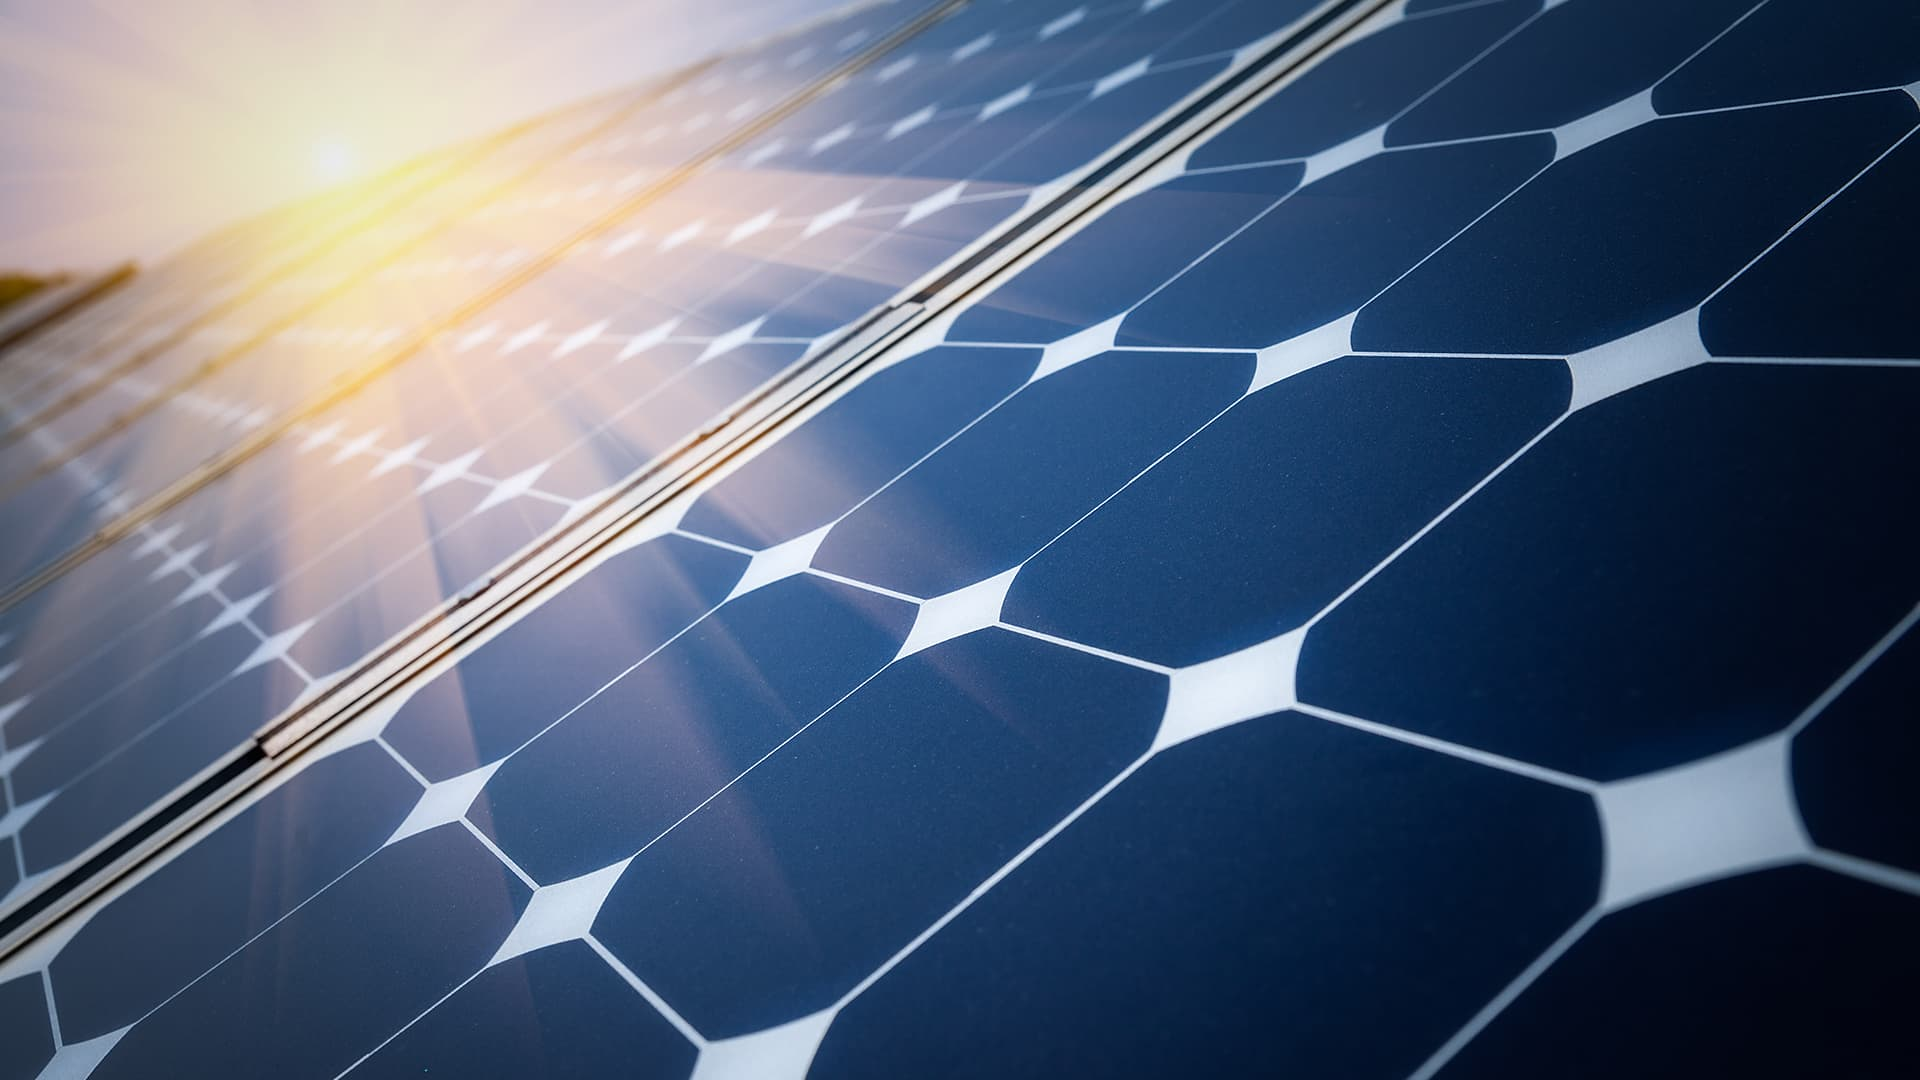 Solarmodule im Härtetest: Ammoniak- und Salzsprühnebel-Tests 1